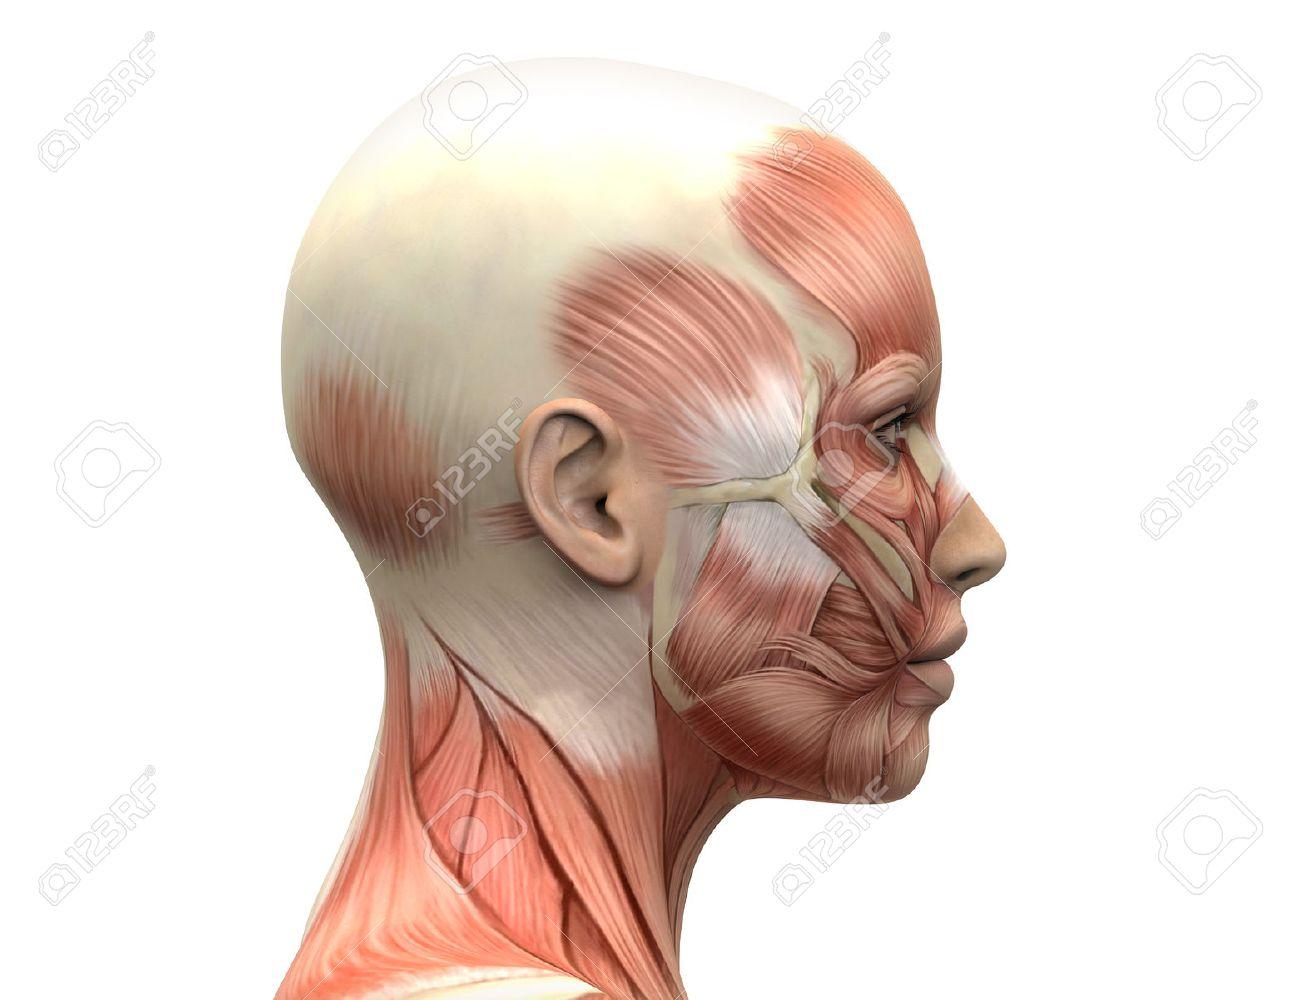 Músculos Femeninas Cabeza Anatomía - Vista Lateral Fotos, Retratos ...